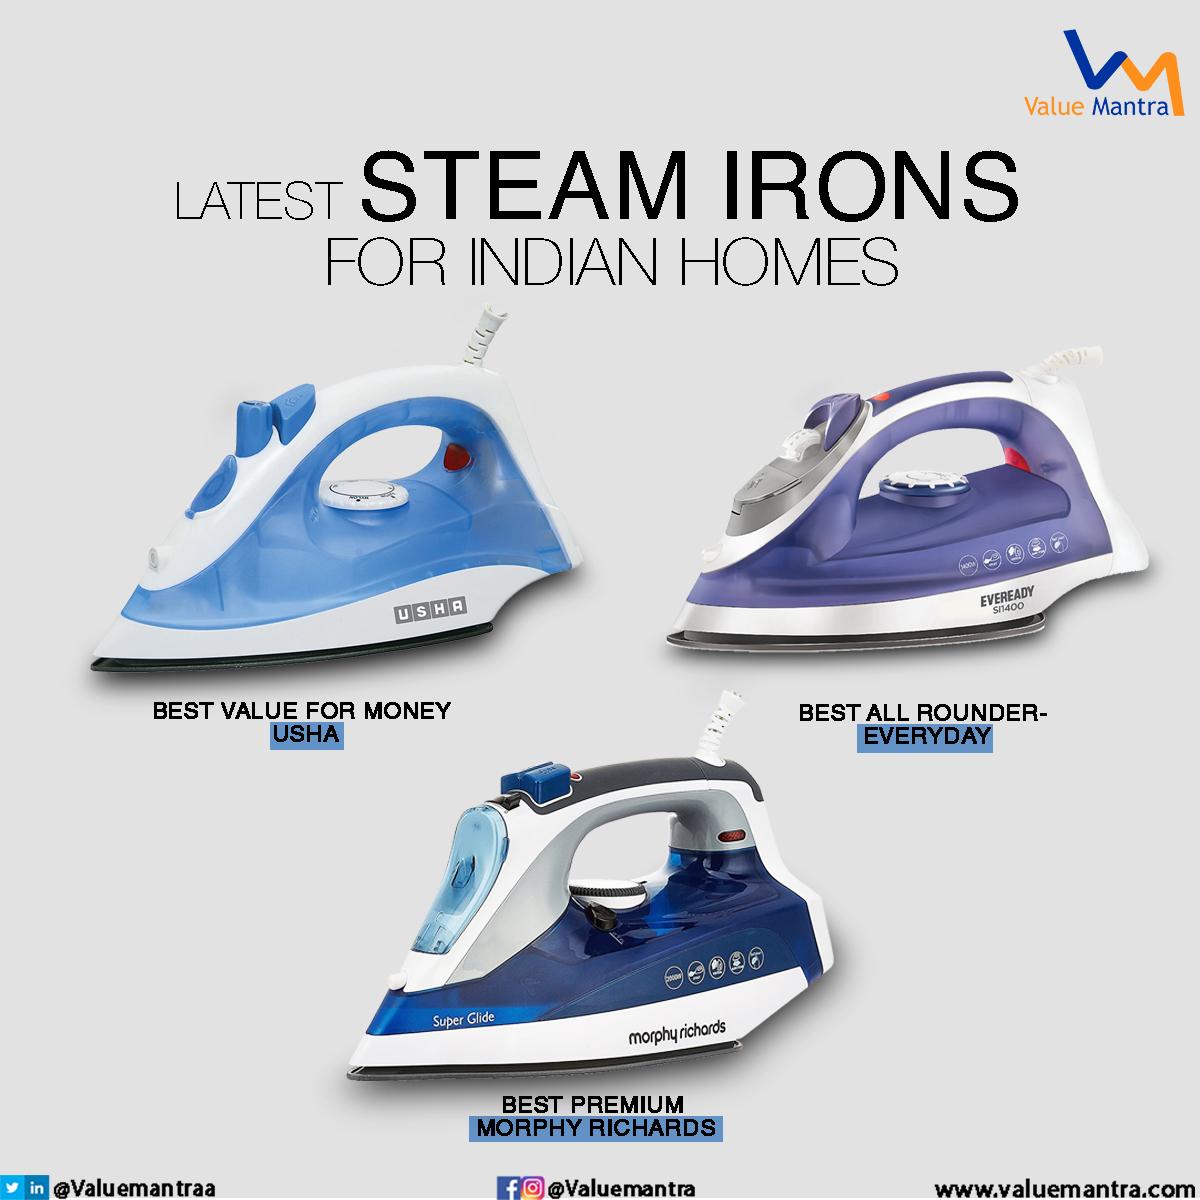 Best steam iron – Garment steamer